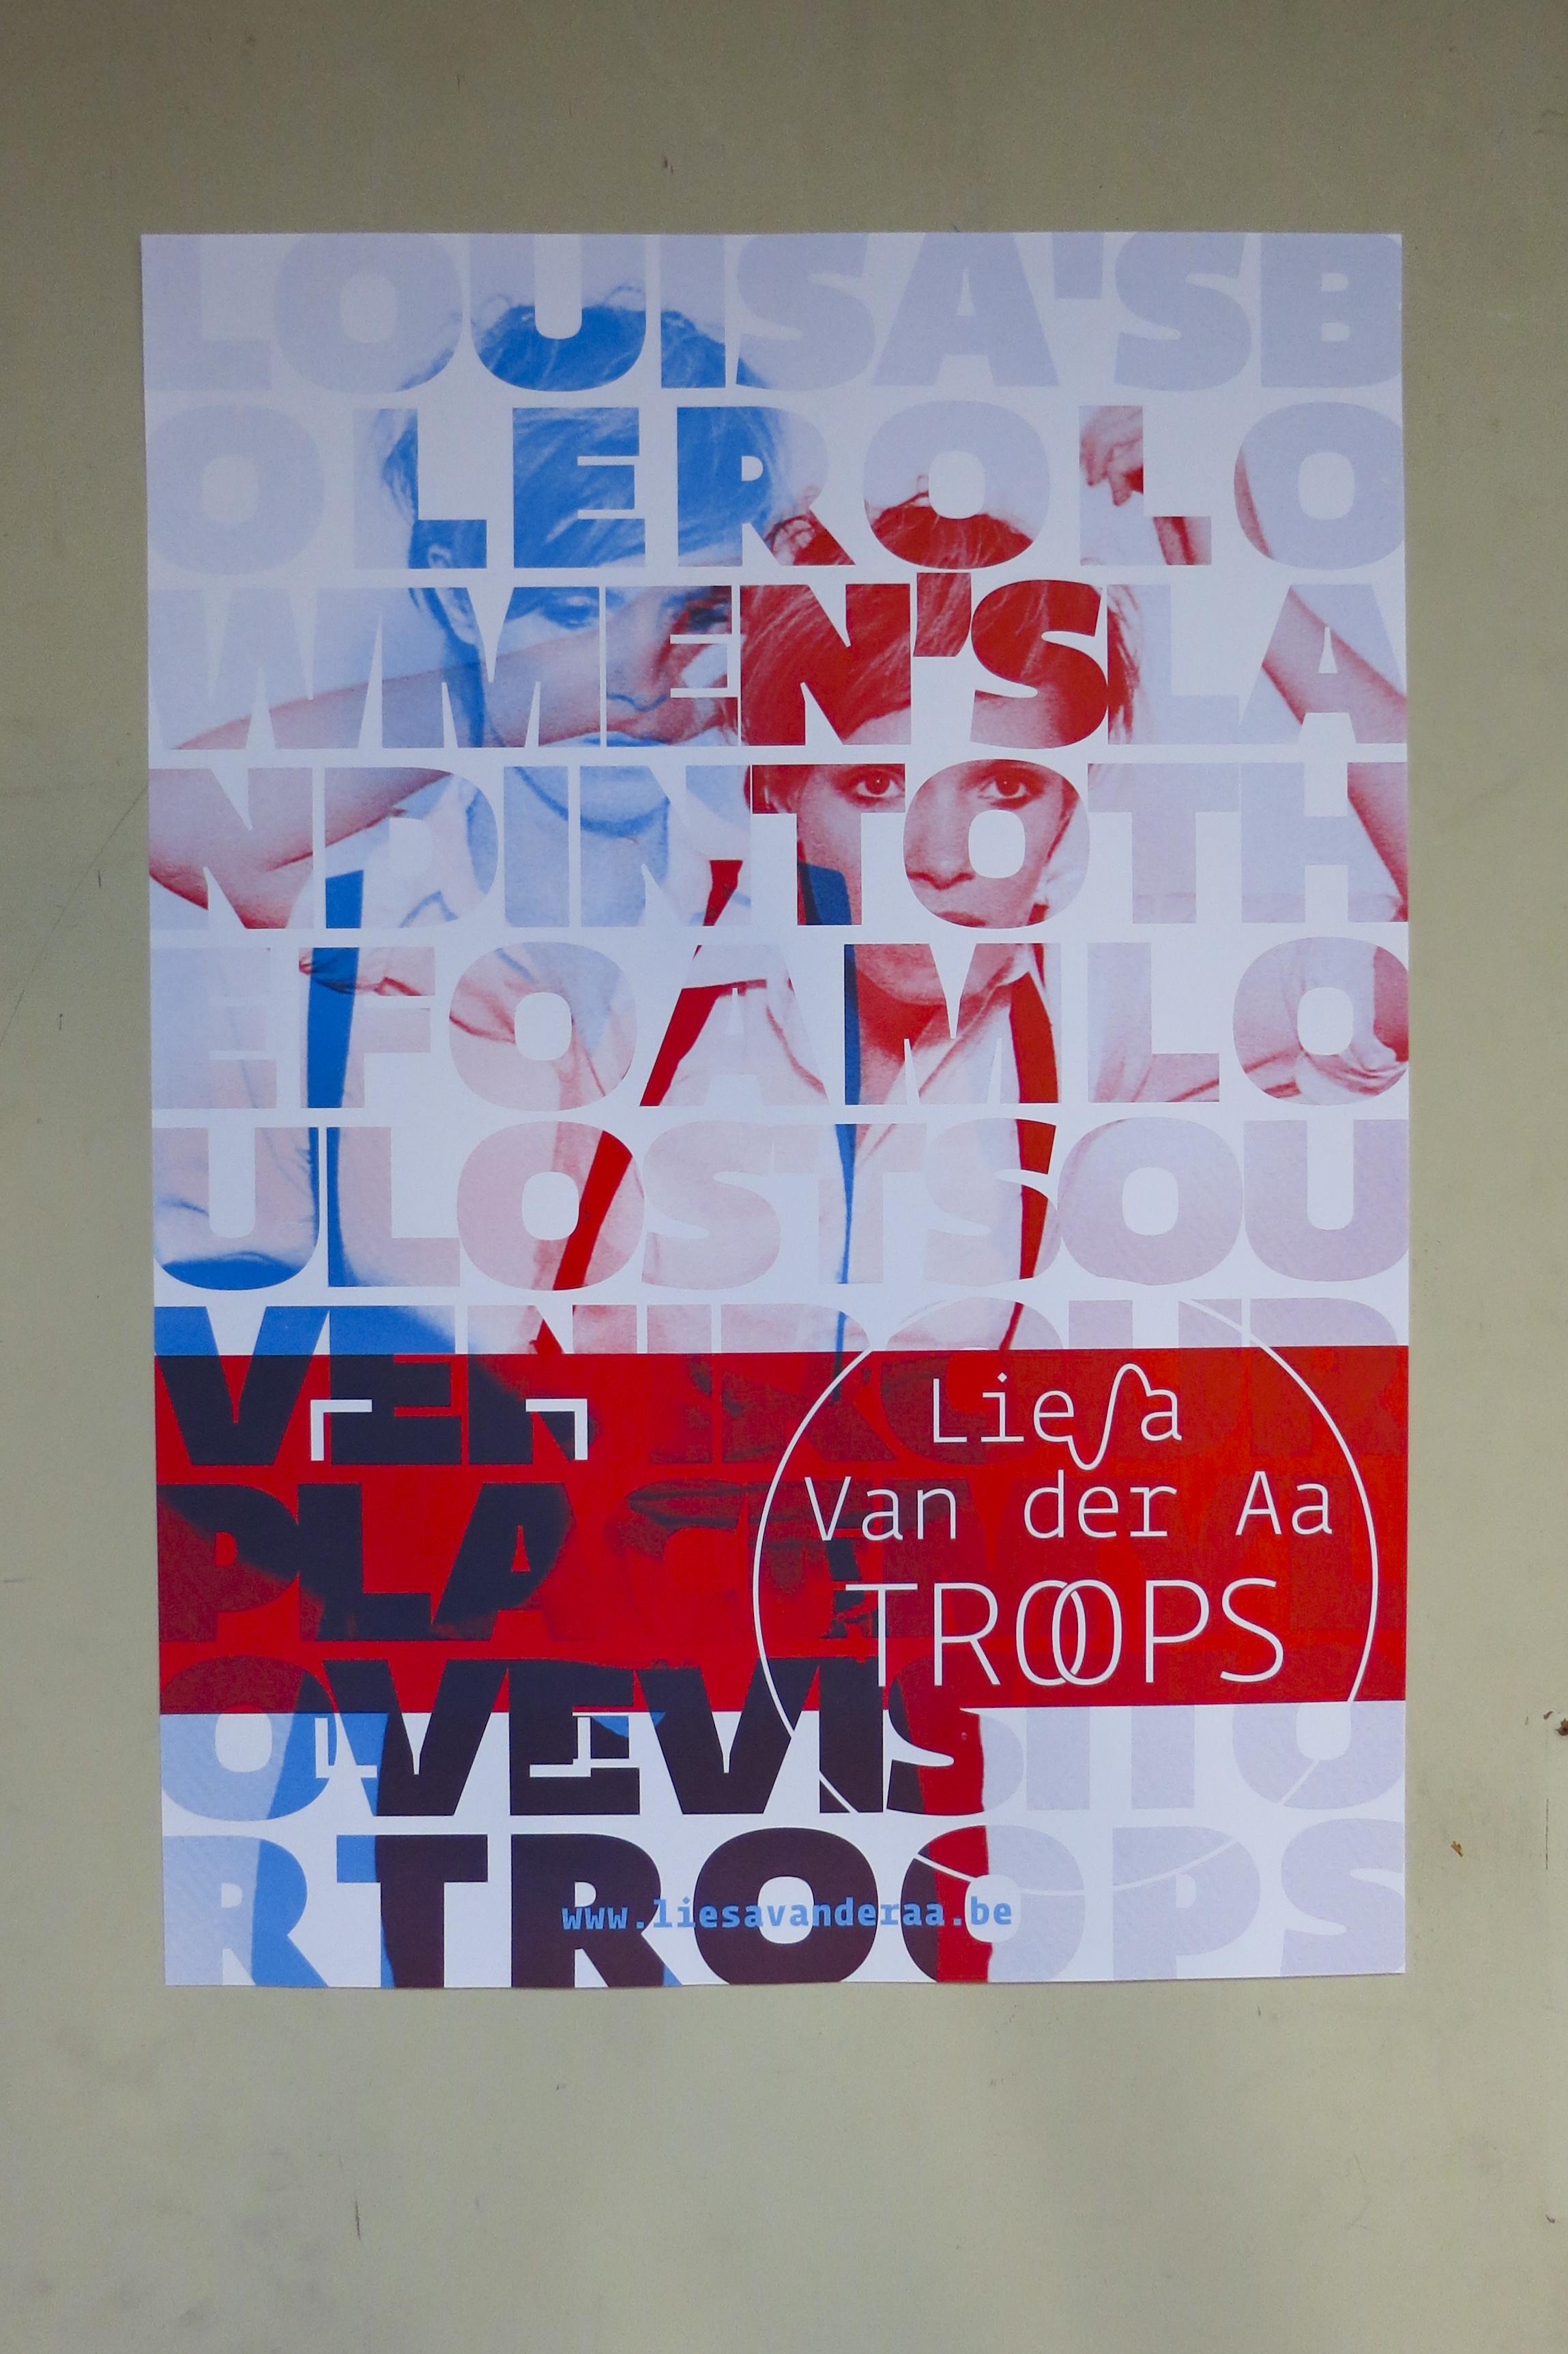 Afreux - Liesa van der Aa - troops-1